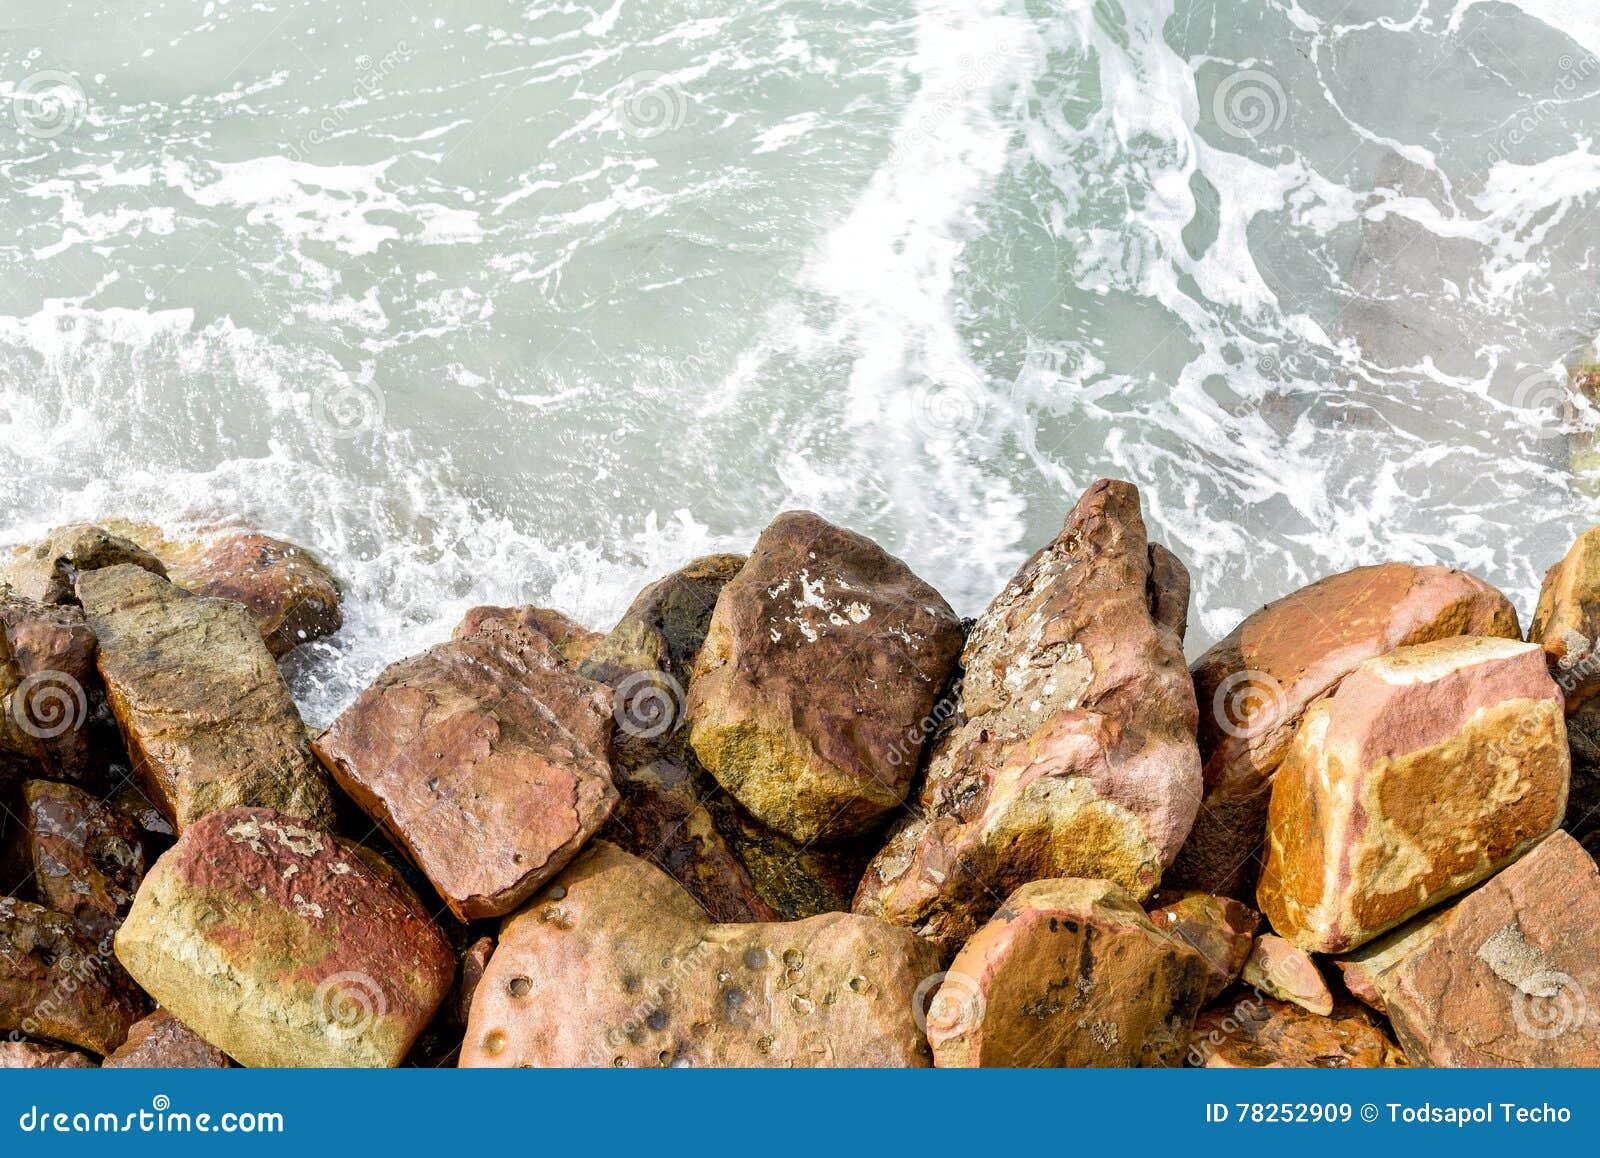 Επιφάνεια θαλάσσιου νερού και πέτρα/βράχος, υπόβαθρο/σύσταση